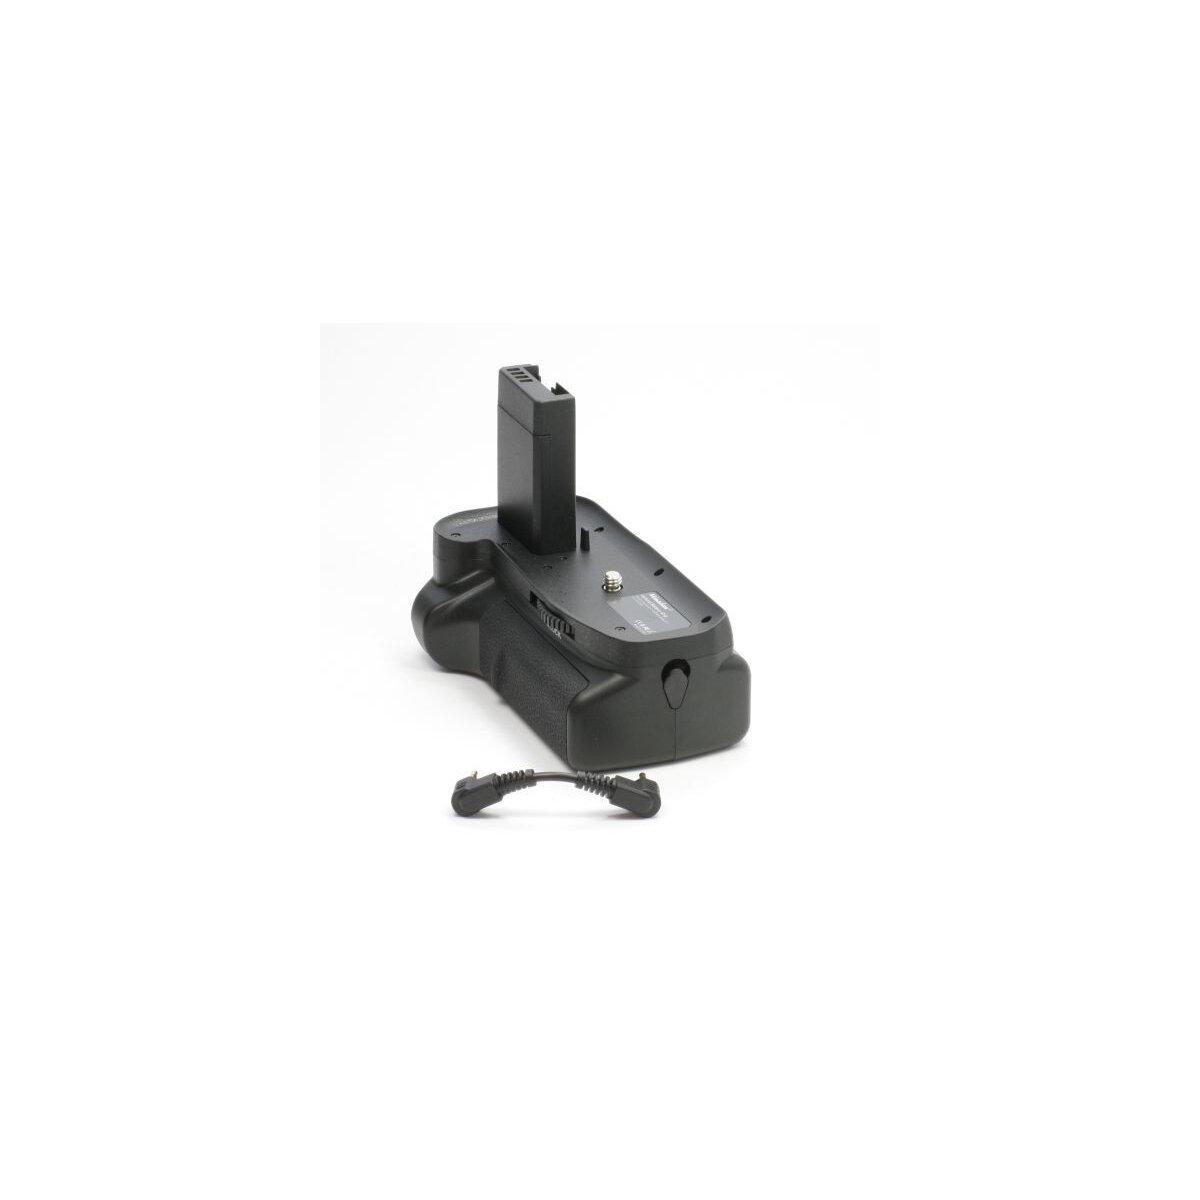 Minadax Profi Batteriegriff kompatibel mit Canon EOS 1300D, 1200D, 1100D Ersatz für BG-E10 - für 2x LP-E10